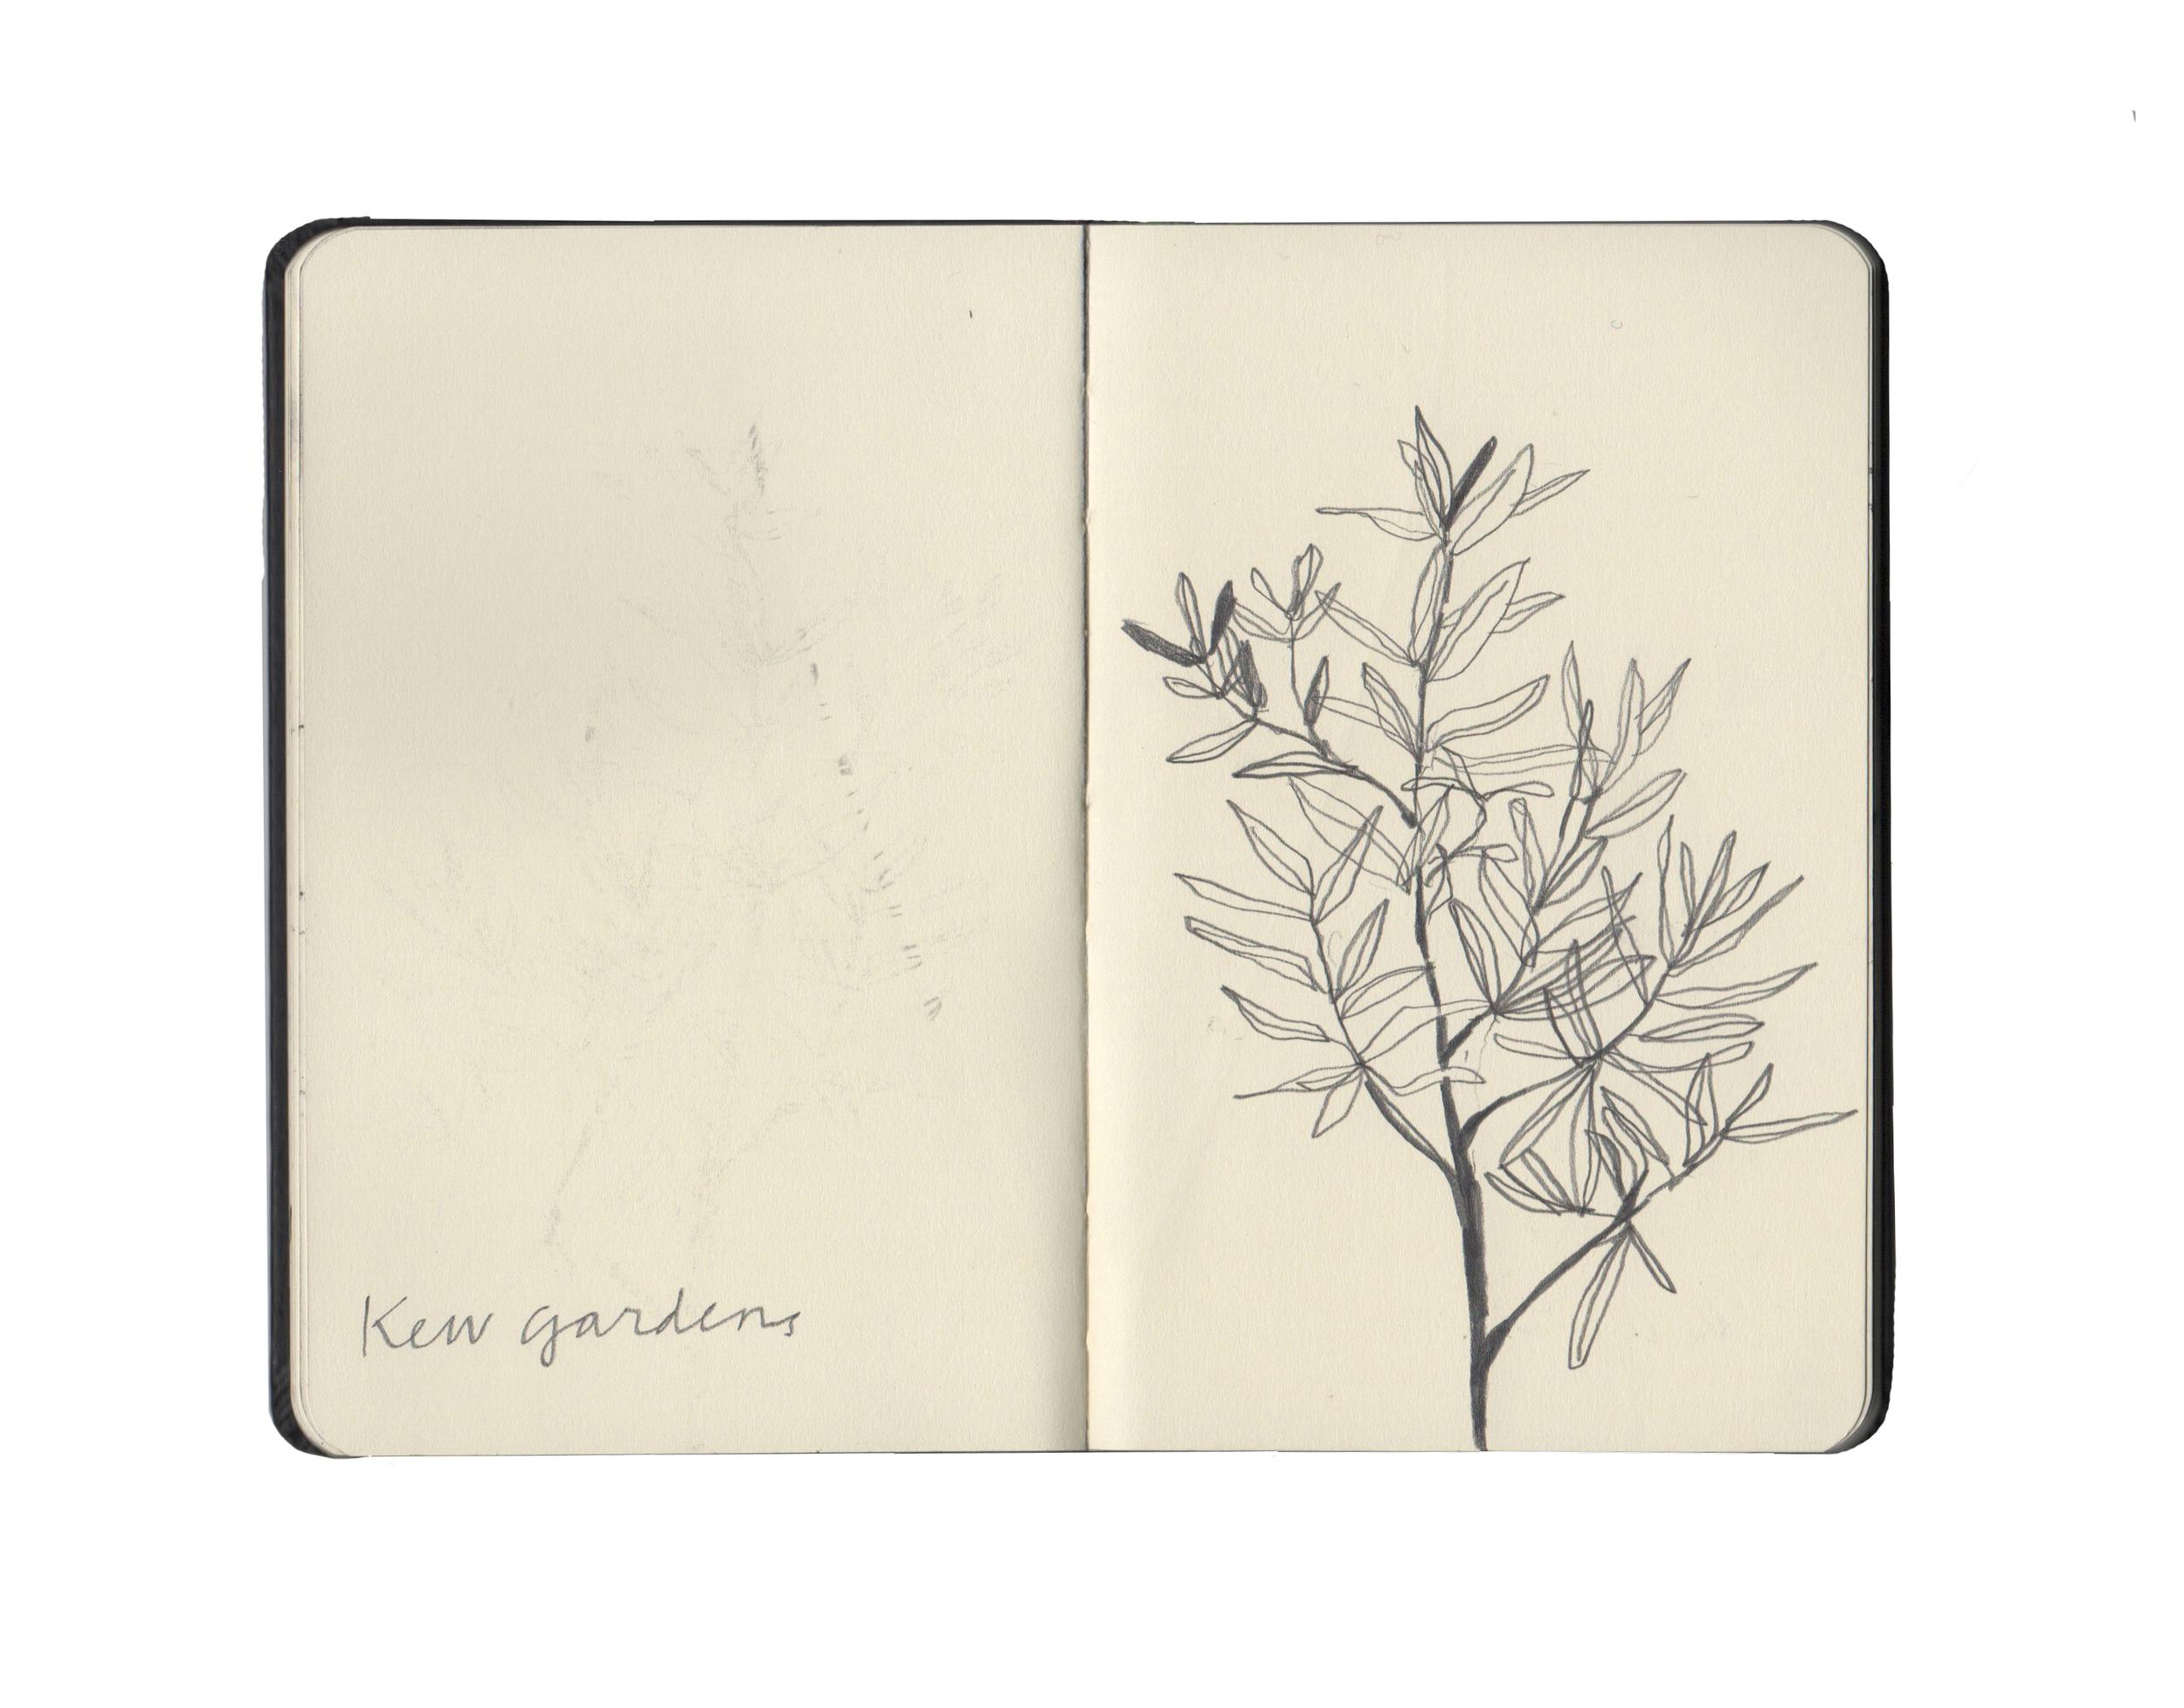 kew sketchbook 1.jpg